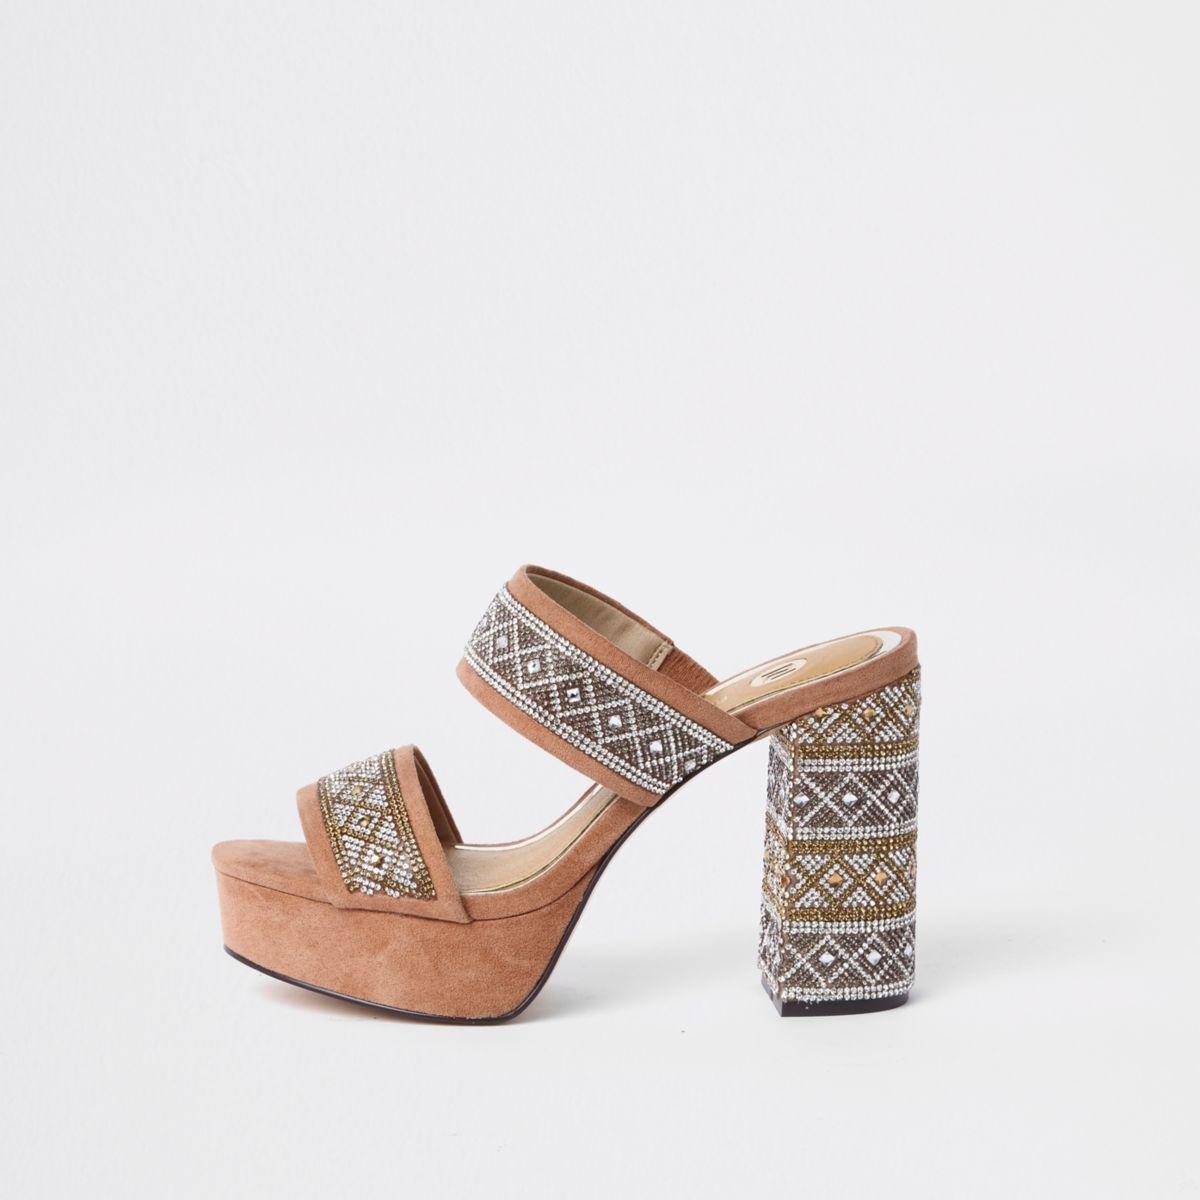 Beige embellished platform block heel sandals